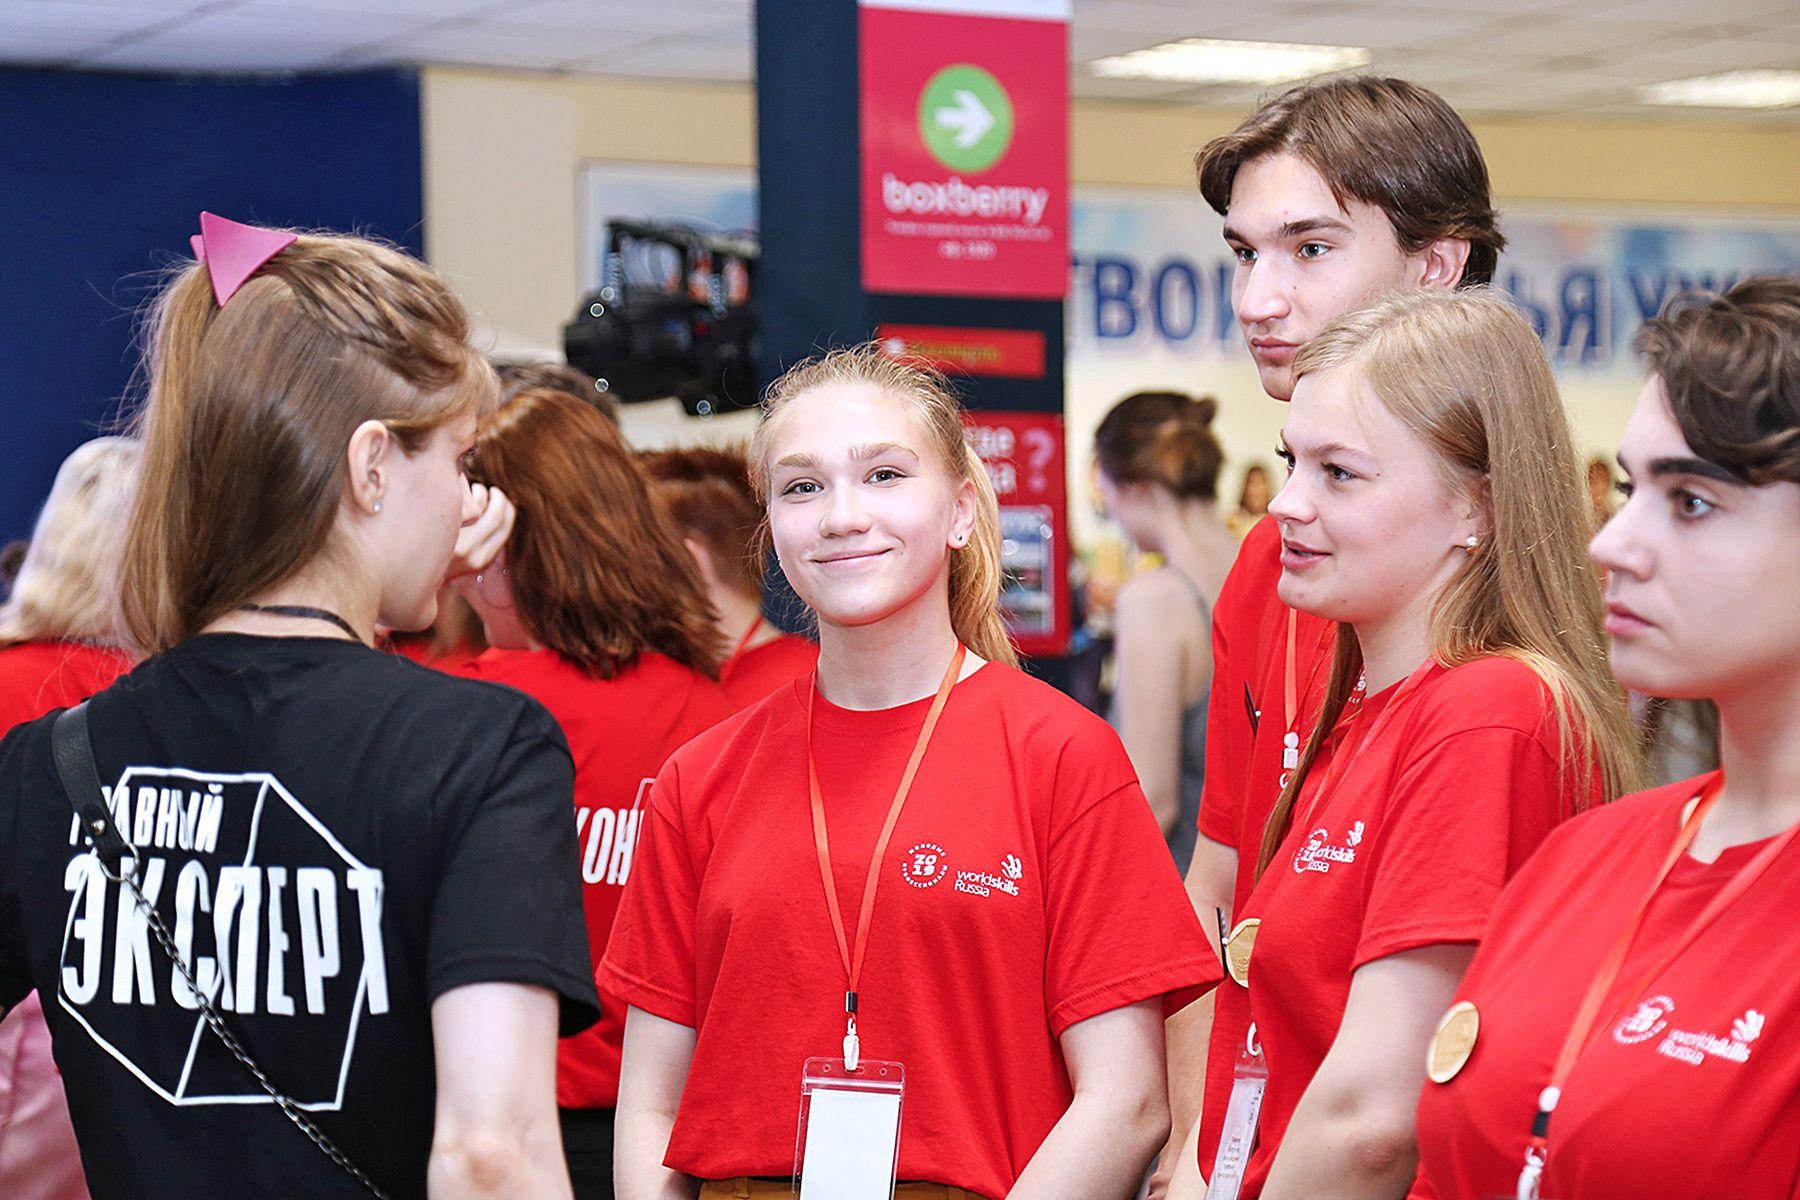 V вузовский чемпионат по стандартам WorldSkills пройдет во ВГУЭС